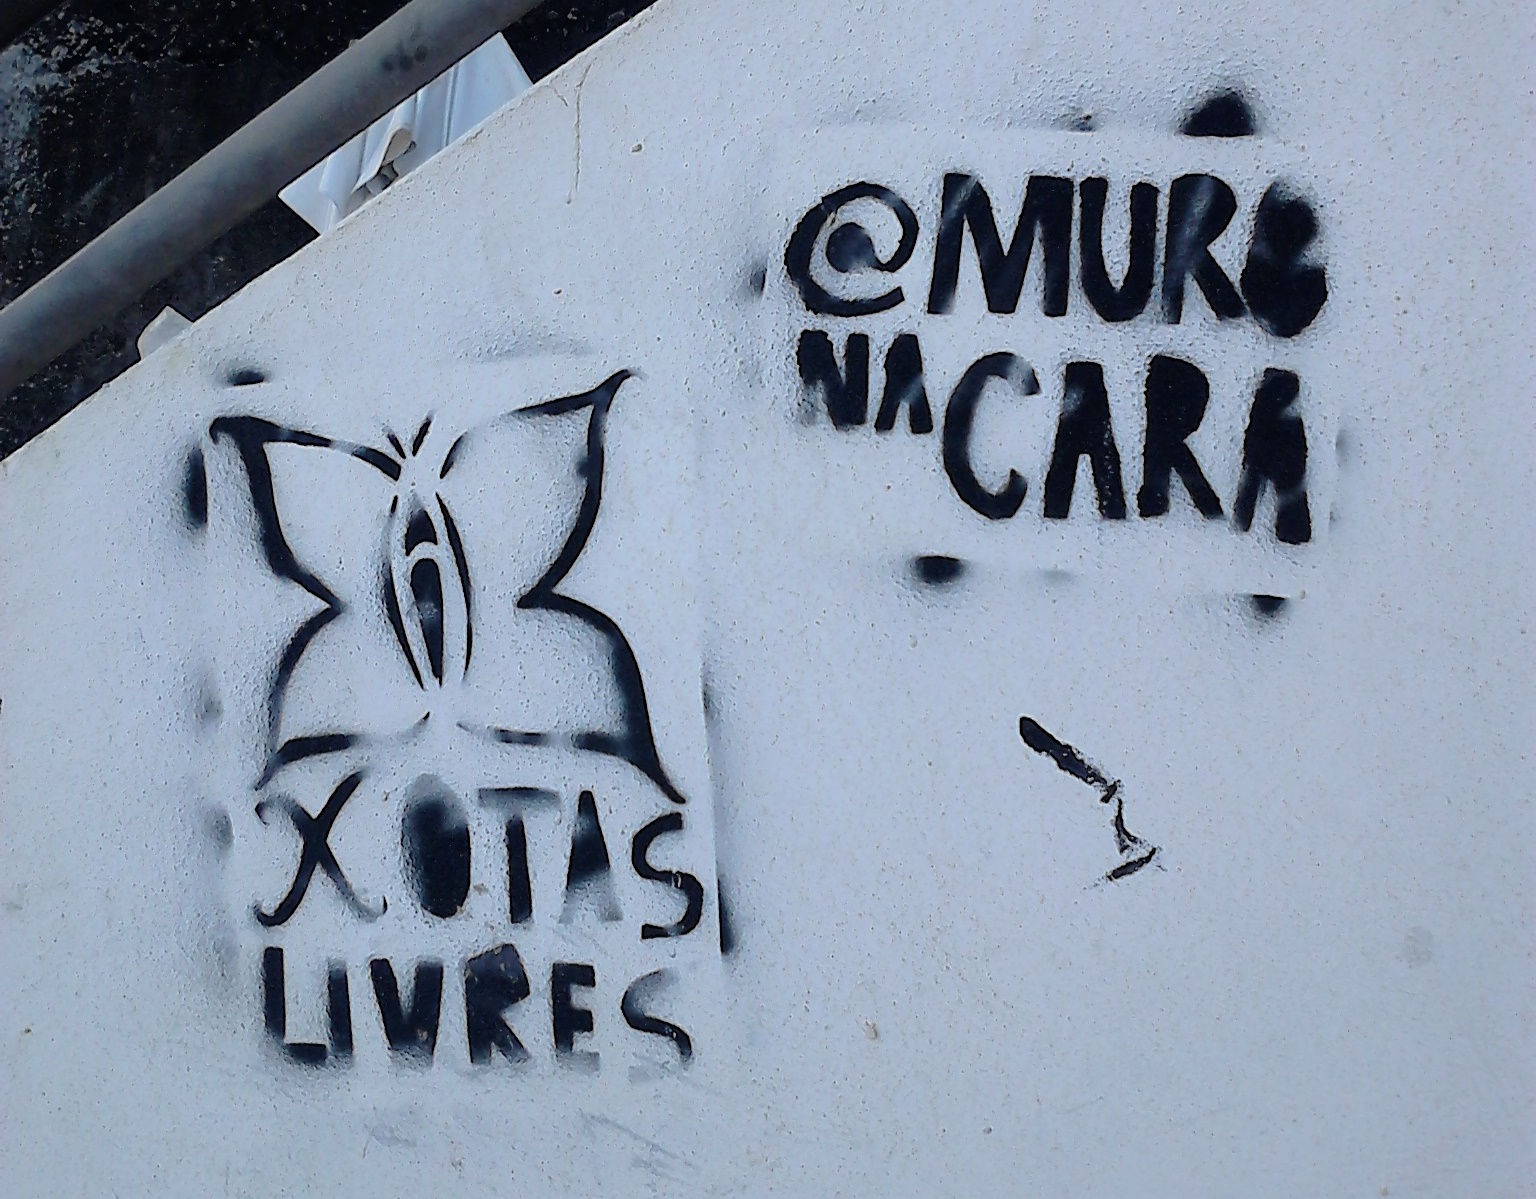 Xotas livres @muronacara